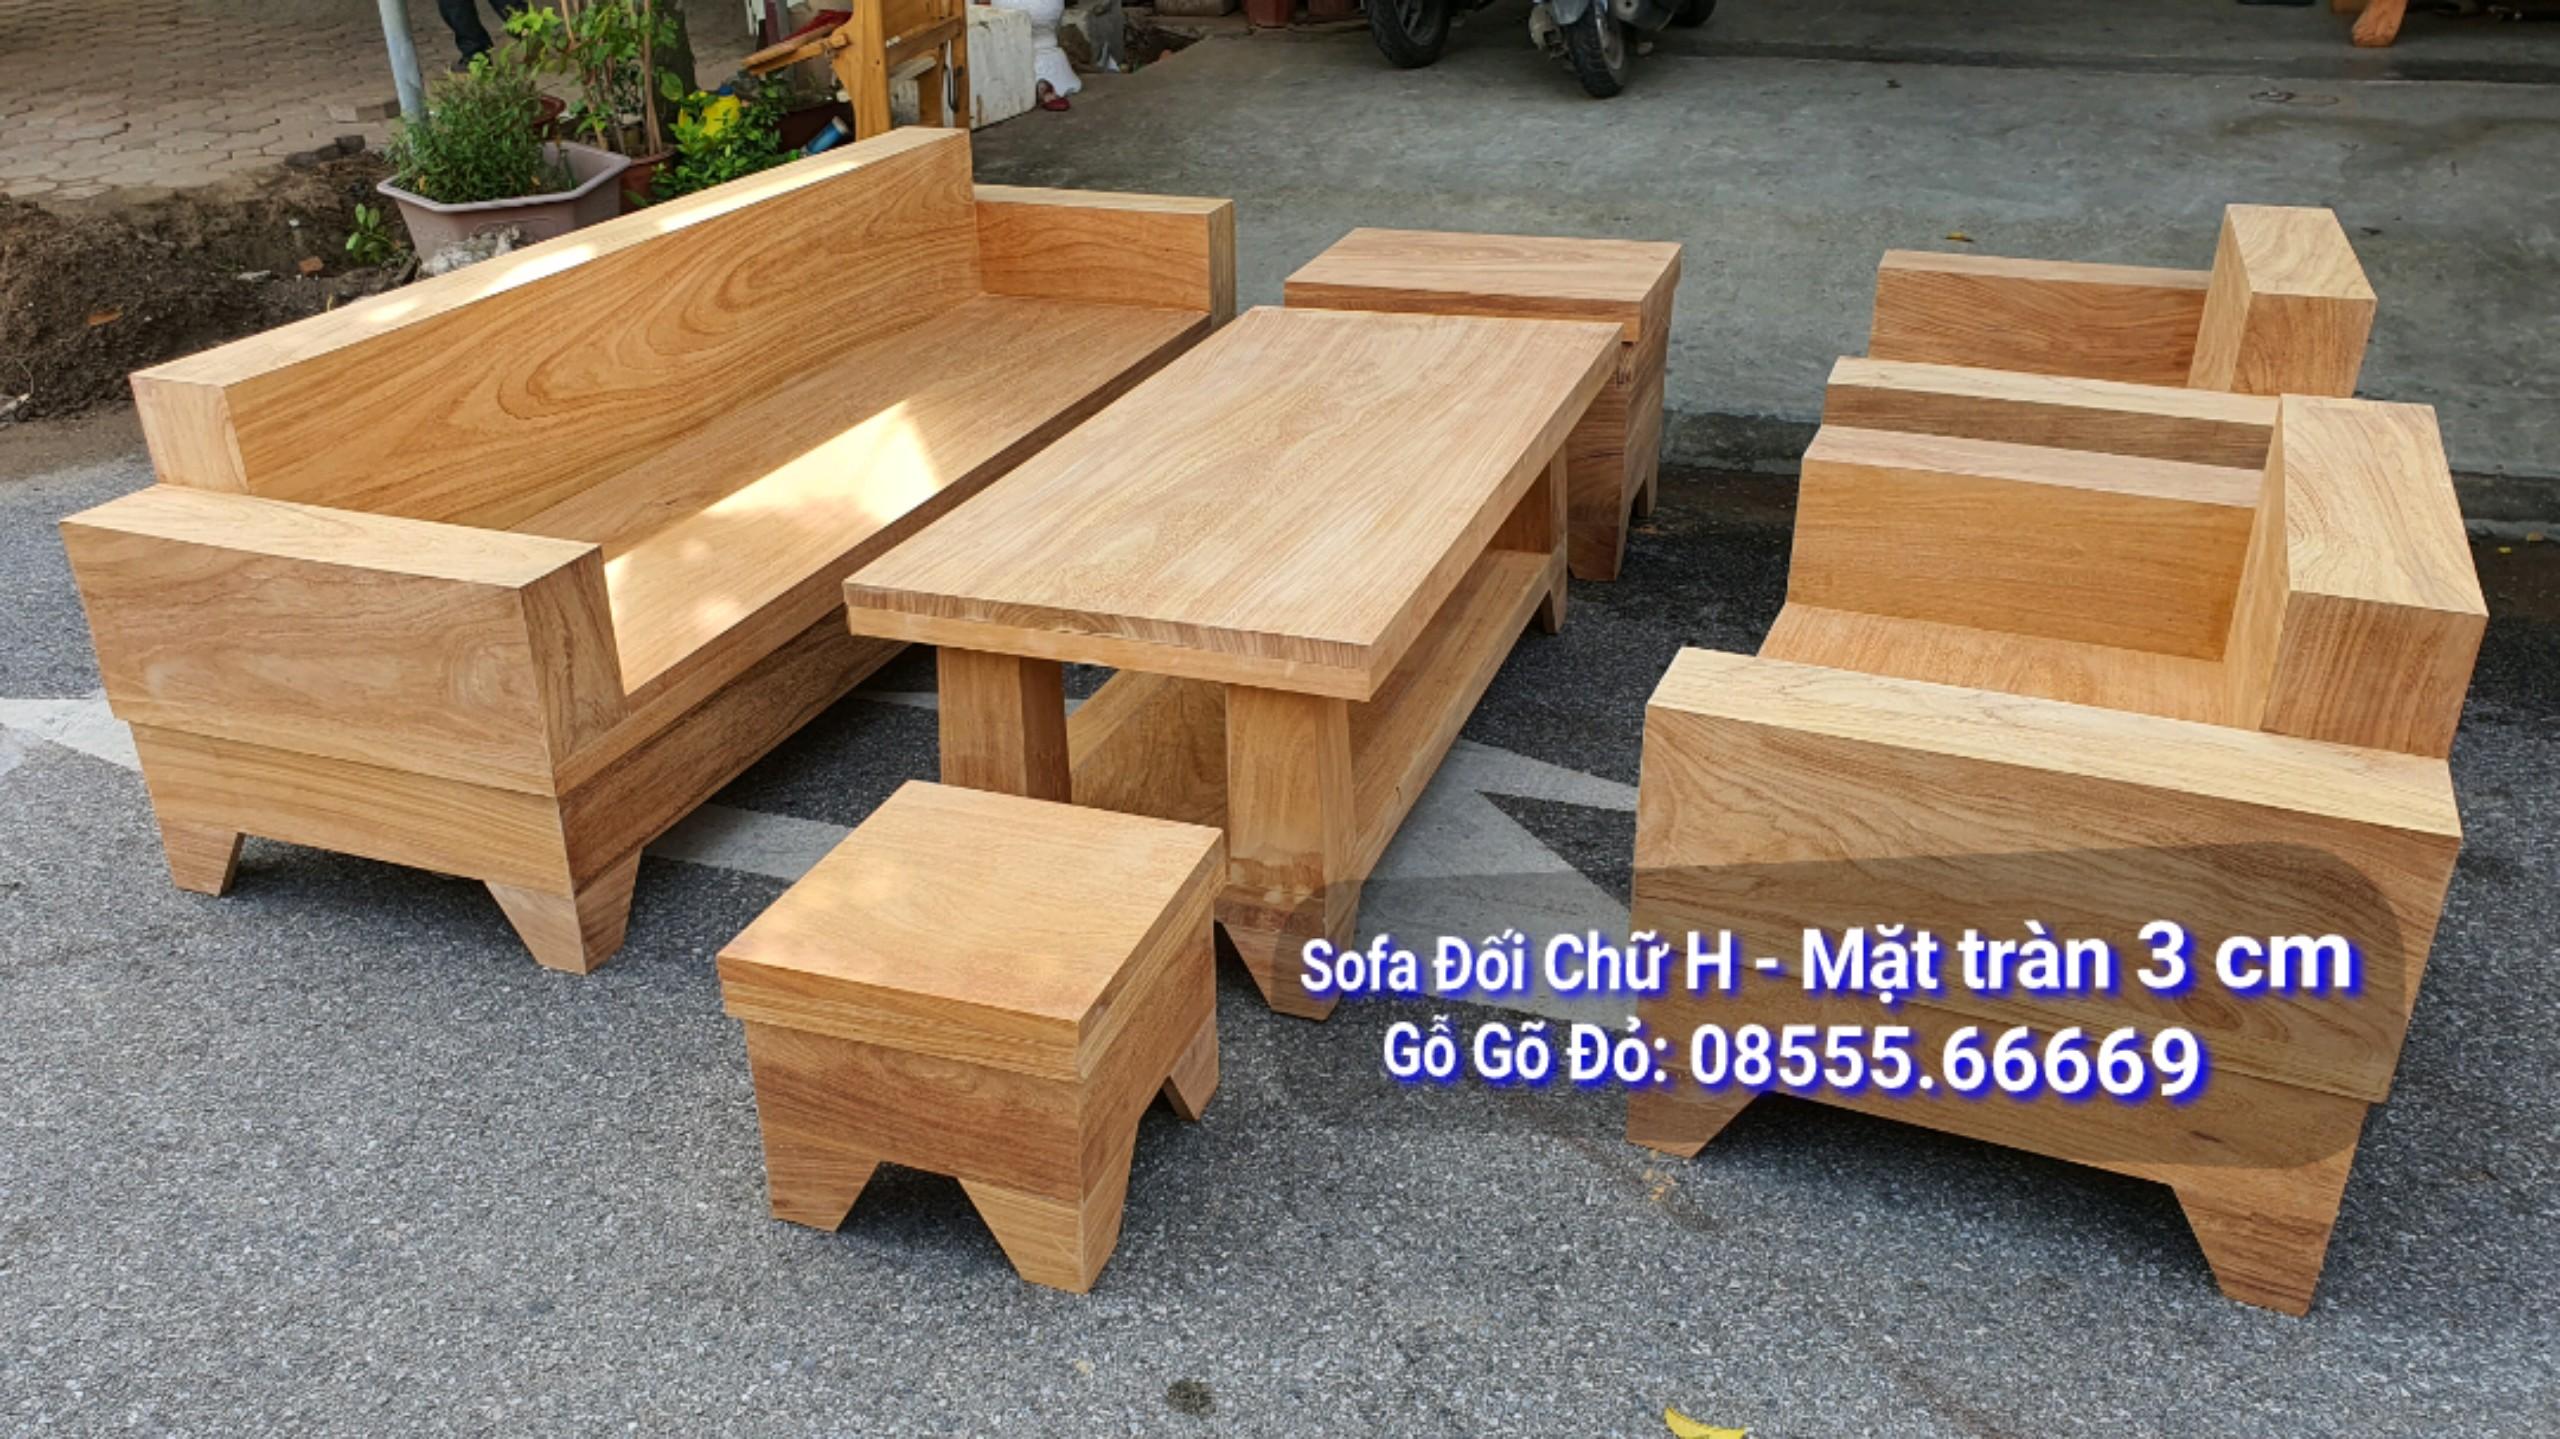 Bộ Bàn Ghế Sofa Đối Mặt Liền 3 cm Gỗ Gõ Đỏ